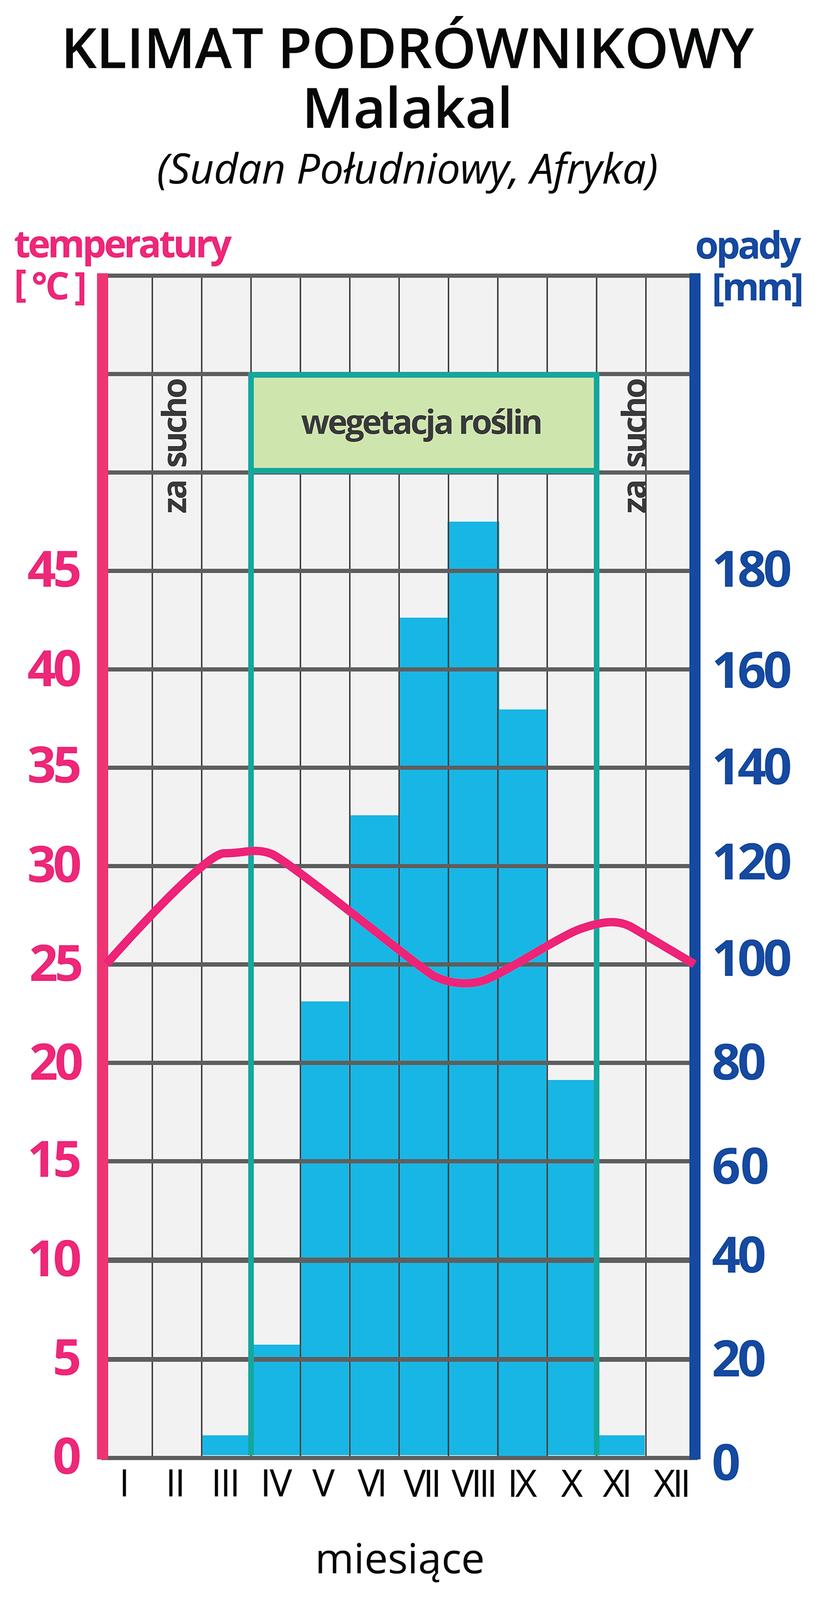 Ilustracja przedstawia klimatogram miasta Malakal wSudanie południowym. Ma postać diagramu słupkowego, wktórym każdy słupek wskazuje wysokość opadów wkolejnych miesiącach roku, począwszy od stycznia. Najwyższe opady (170 do 180 mm) występują wlipcu isierpniu. Zlewej na skali przedstawiono temperaturę wyrażoną wstopniach Celsjusza. Na wykresie znajduje się pozioma kreskowana linia wskazująca średnią roczną temperaturę. Czerwona linia wskazuje przebieg zmian temperatur powietrza wciągu roku. Waha się ona od 25 wstyczniu przez 30 do 23 stopni wgrudniu, średnio 26°C. Zprawej skala wskazuje wielkość opadów wmilimetrach.